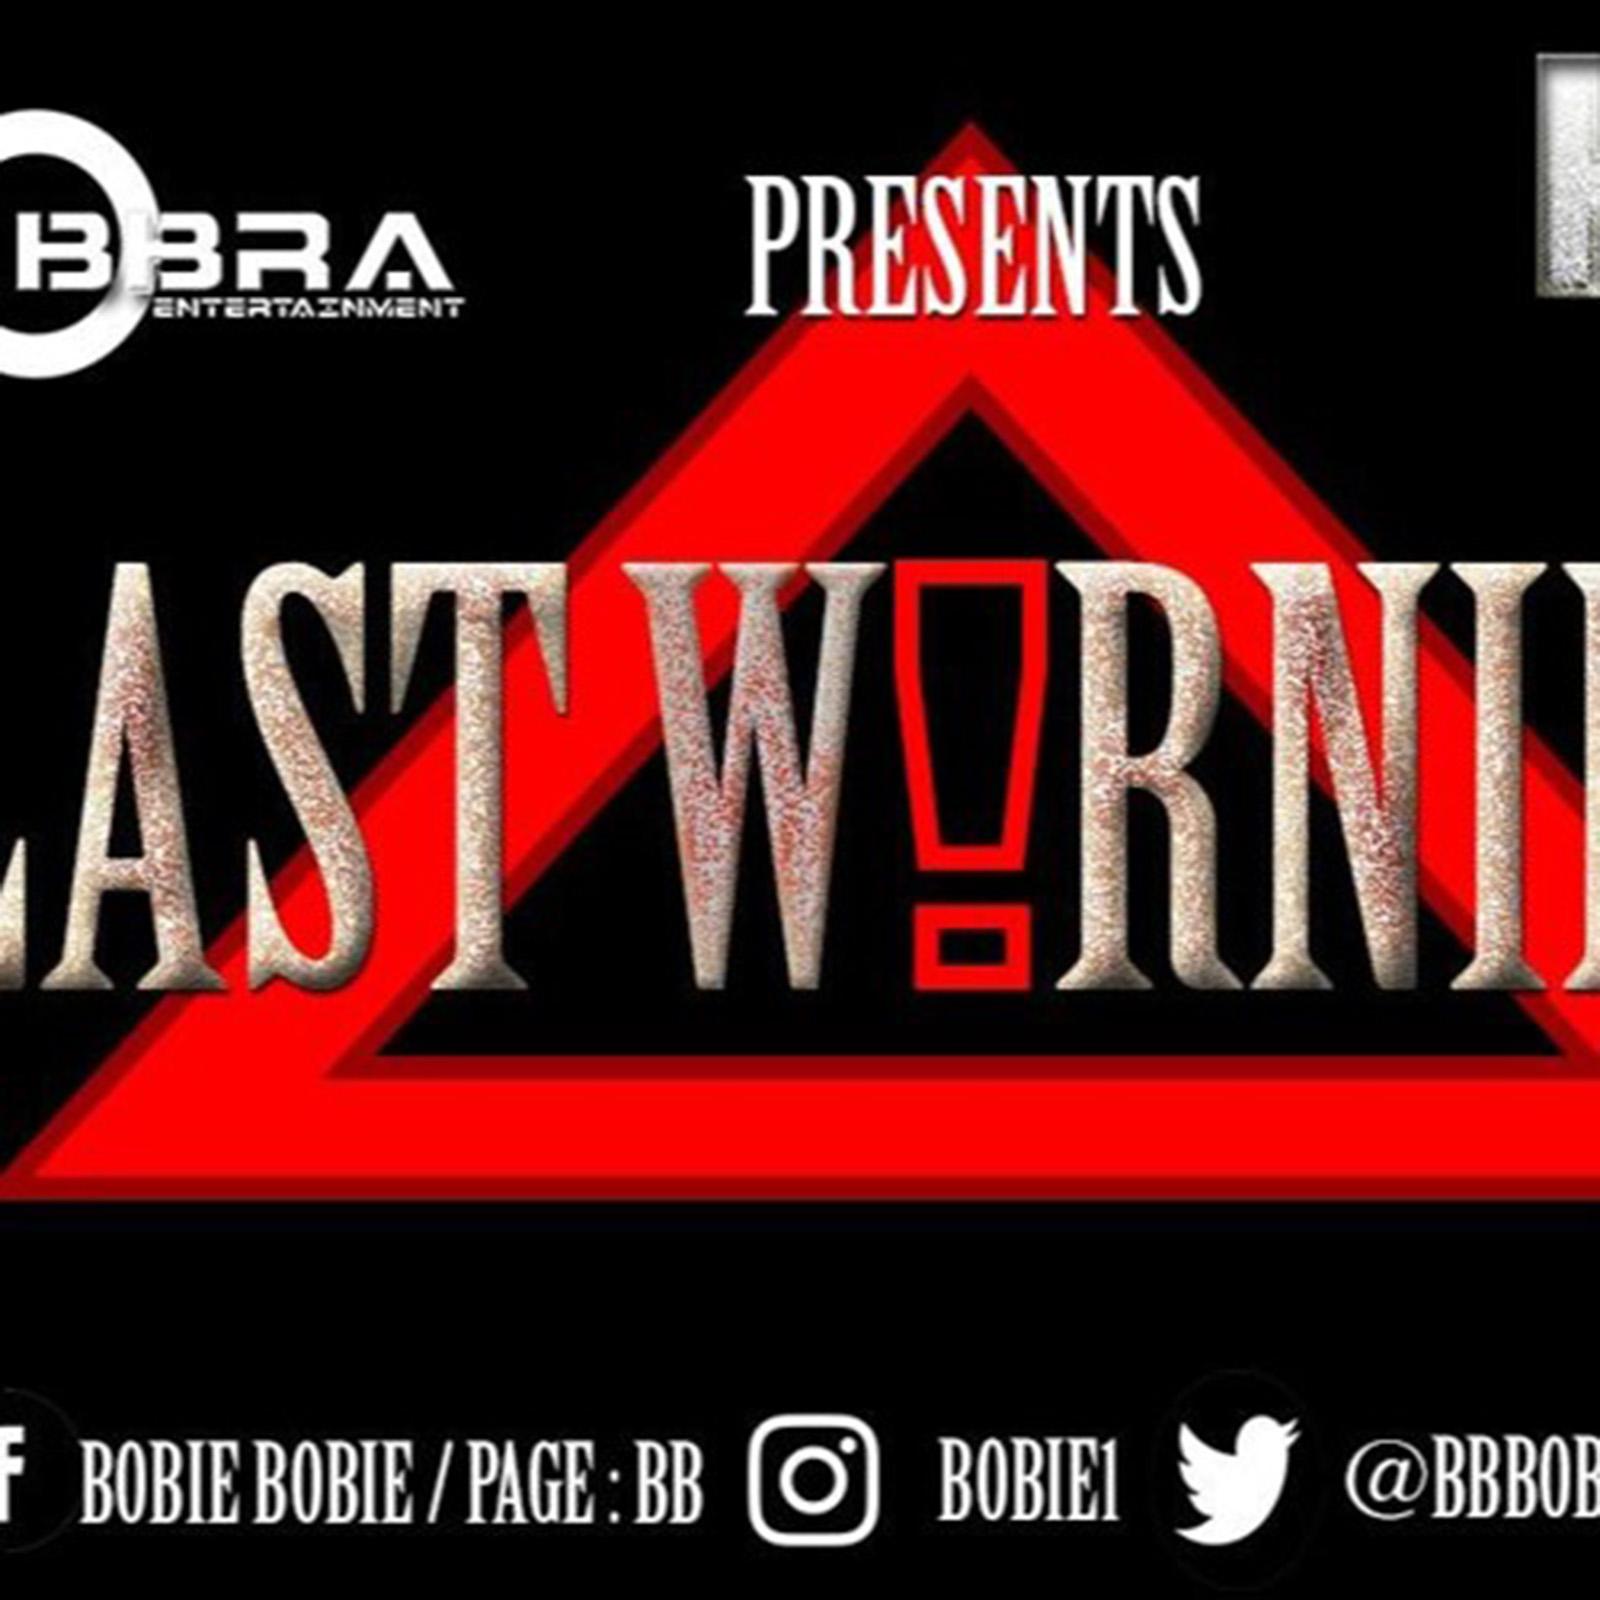 Last Warning by Bobie Bobie